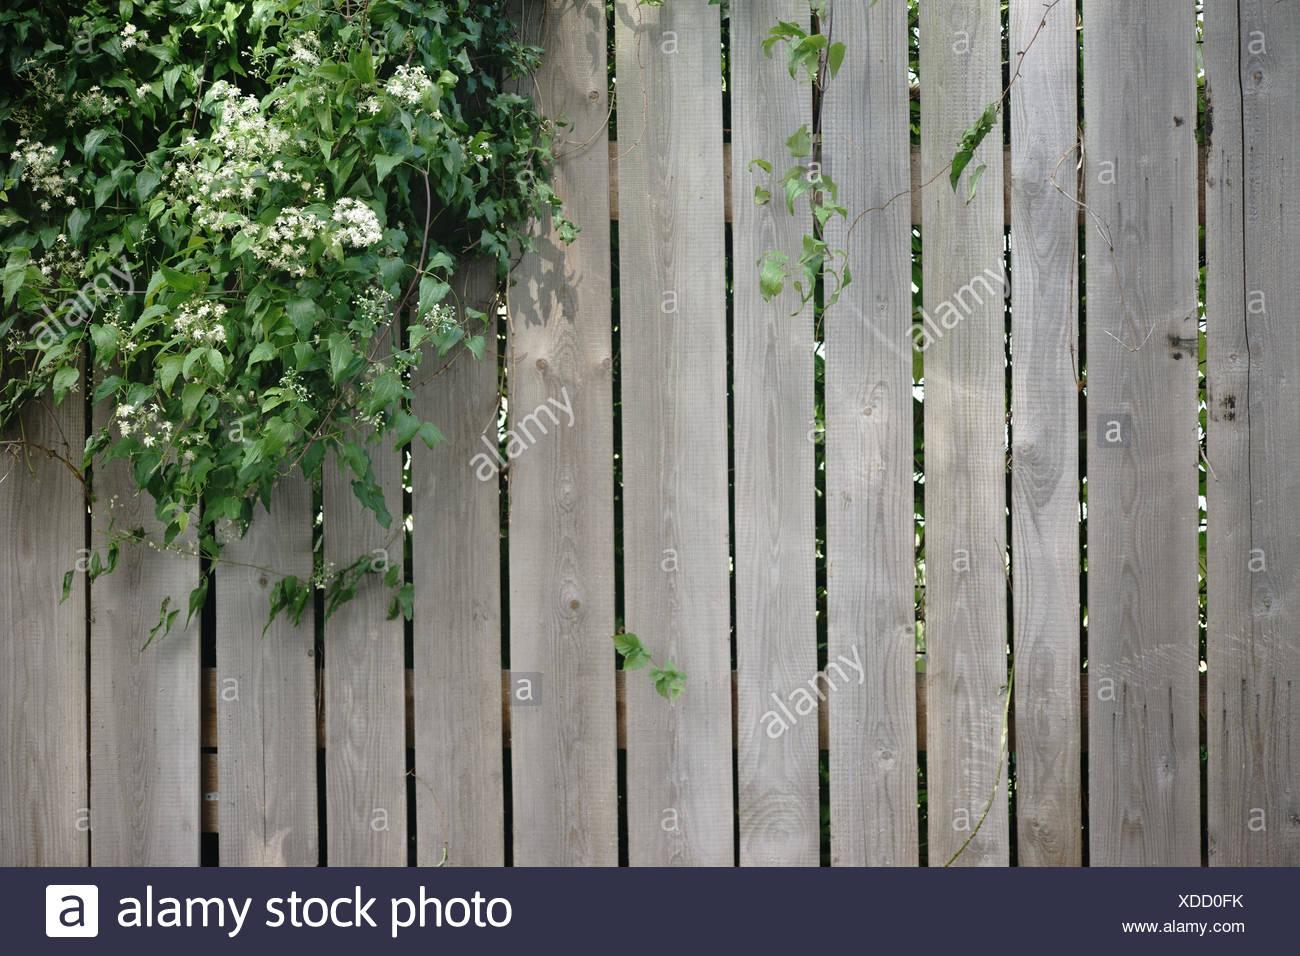 Eine Efeupflanze wächst über einen Holzbretterzaun. Stock Photo